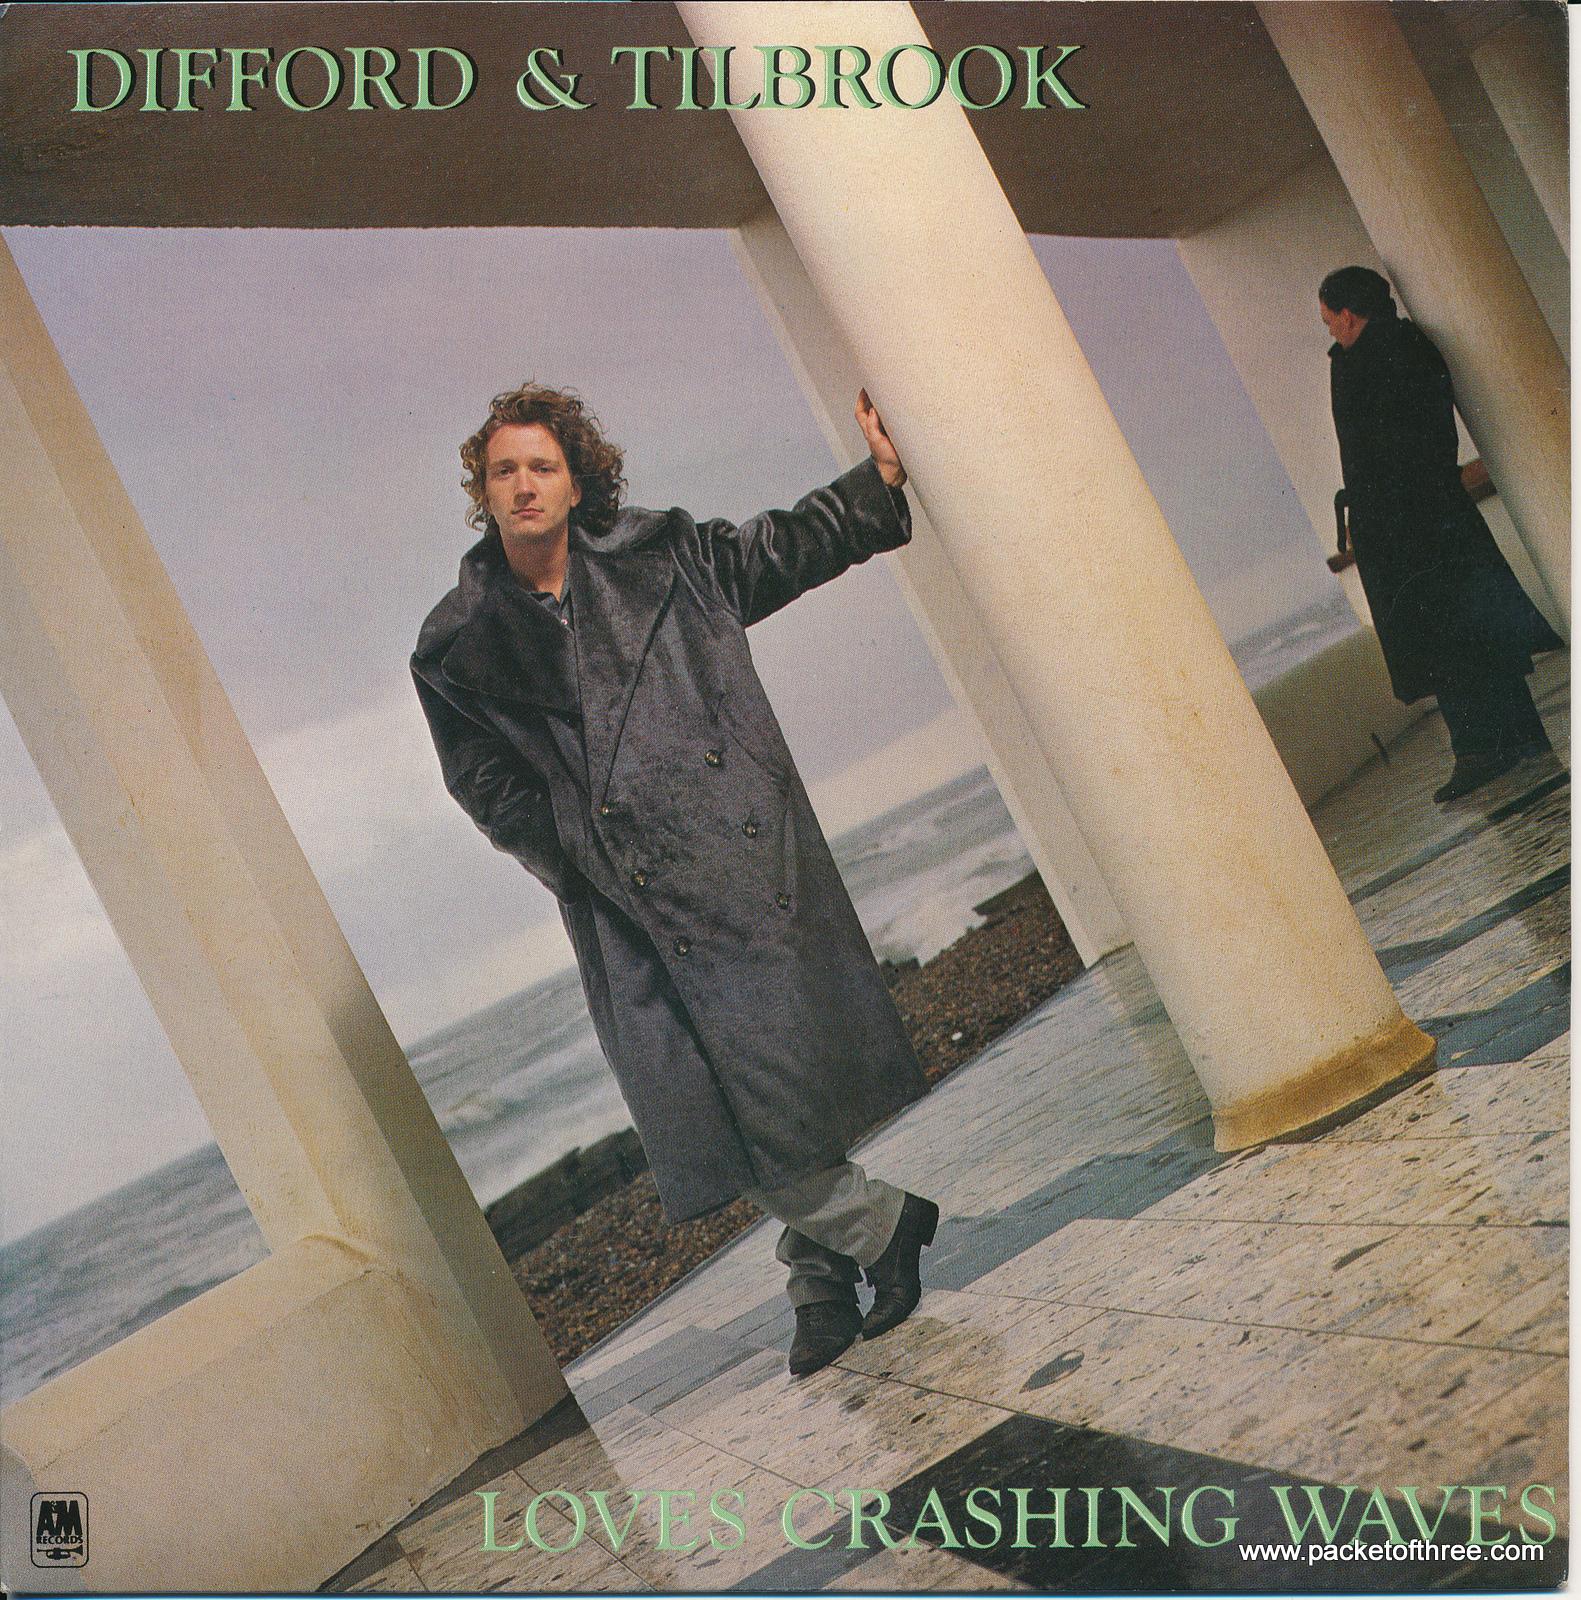 Loves Crashing Waves - UK - picture sleeve